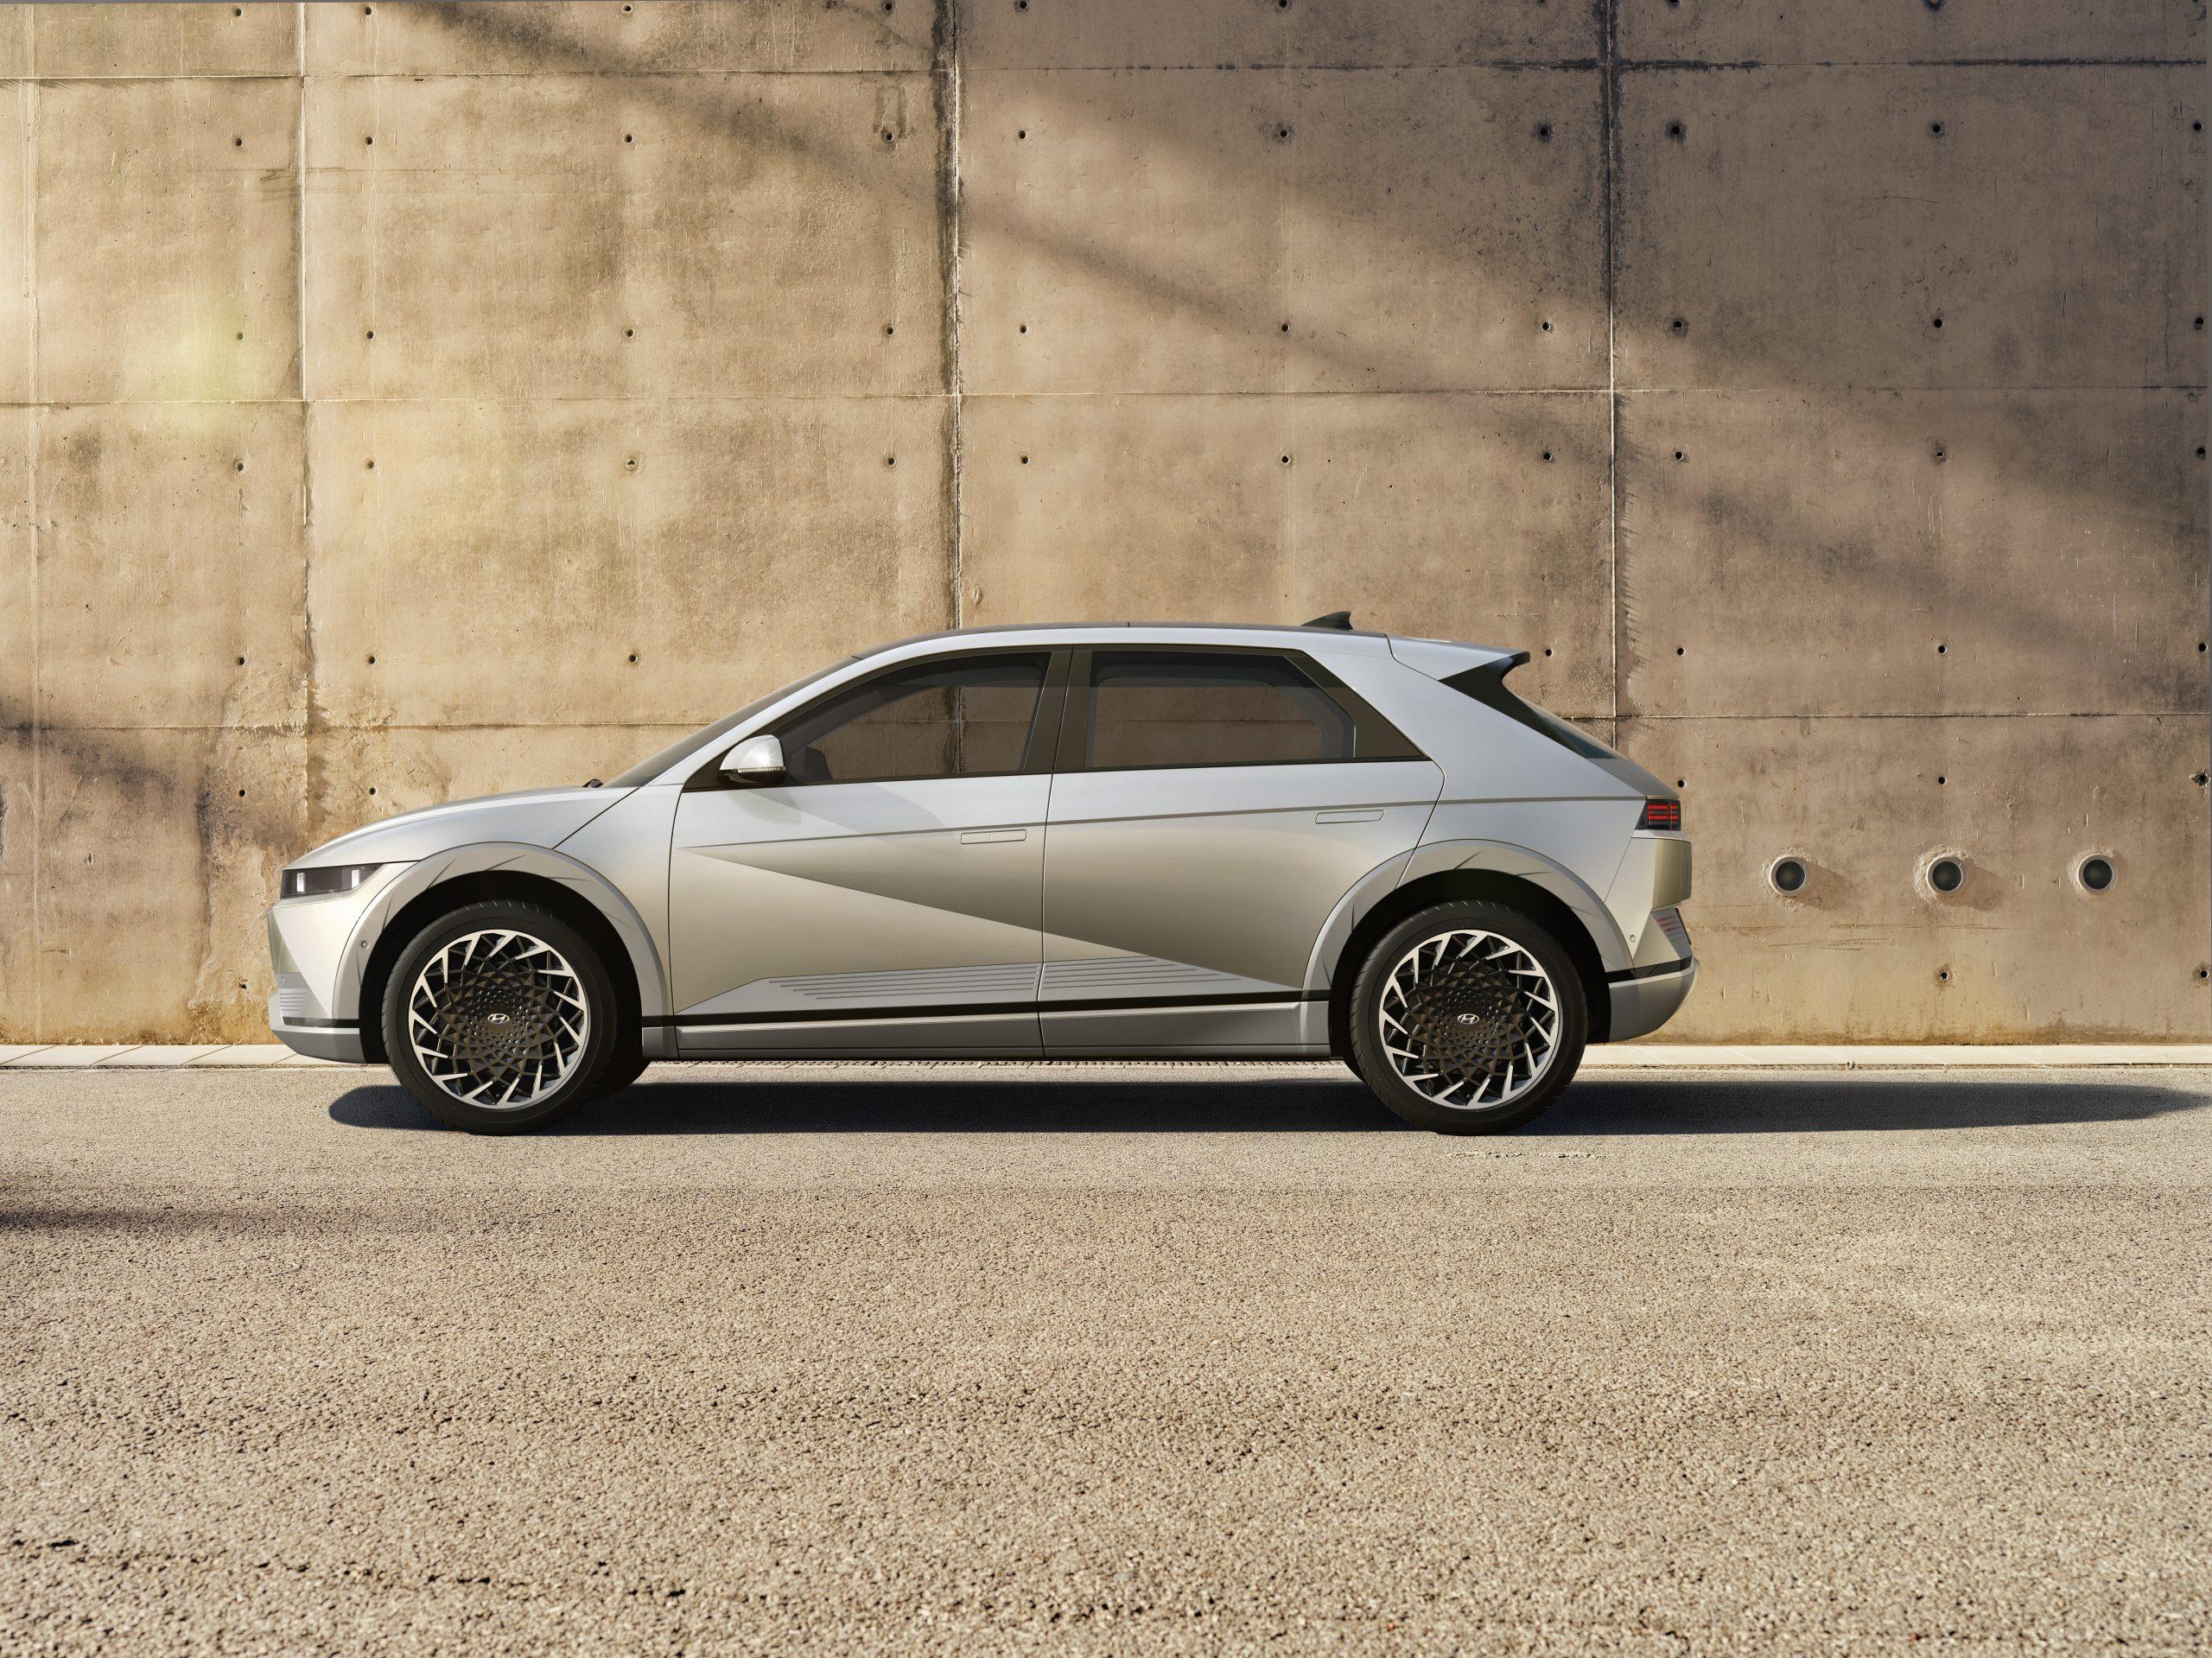 Hyundai IONIQ 5 hero side profile